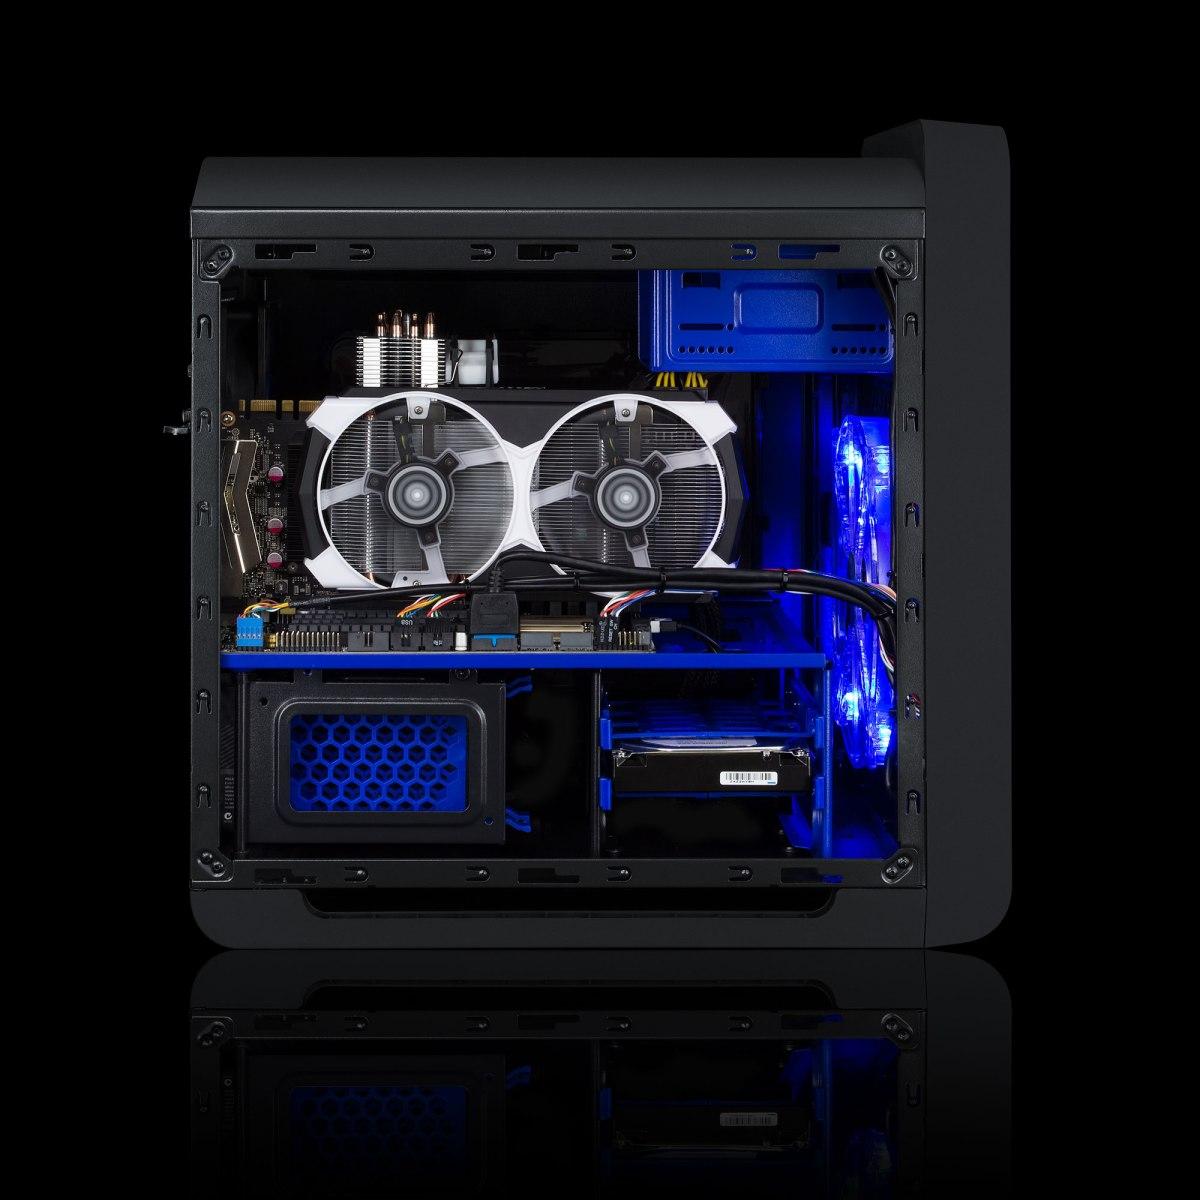 Chillblast Fusion Adamantium 3 review